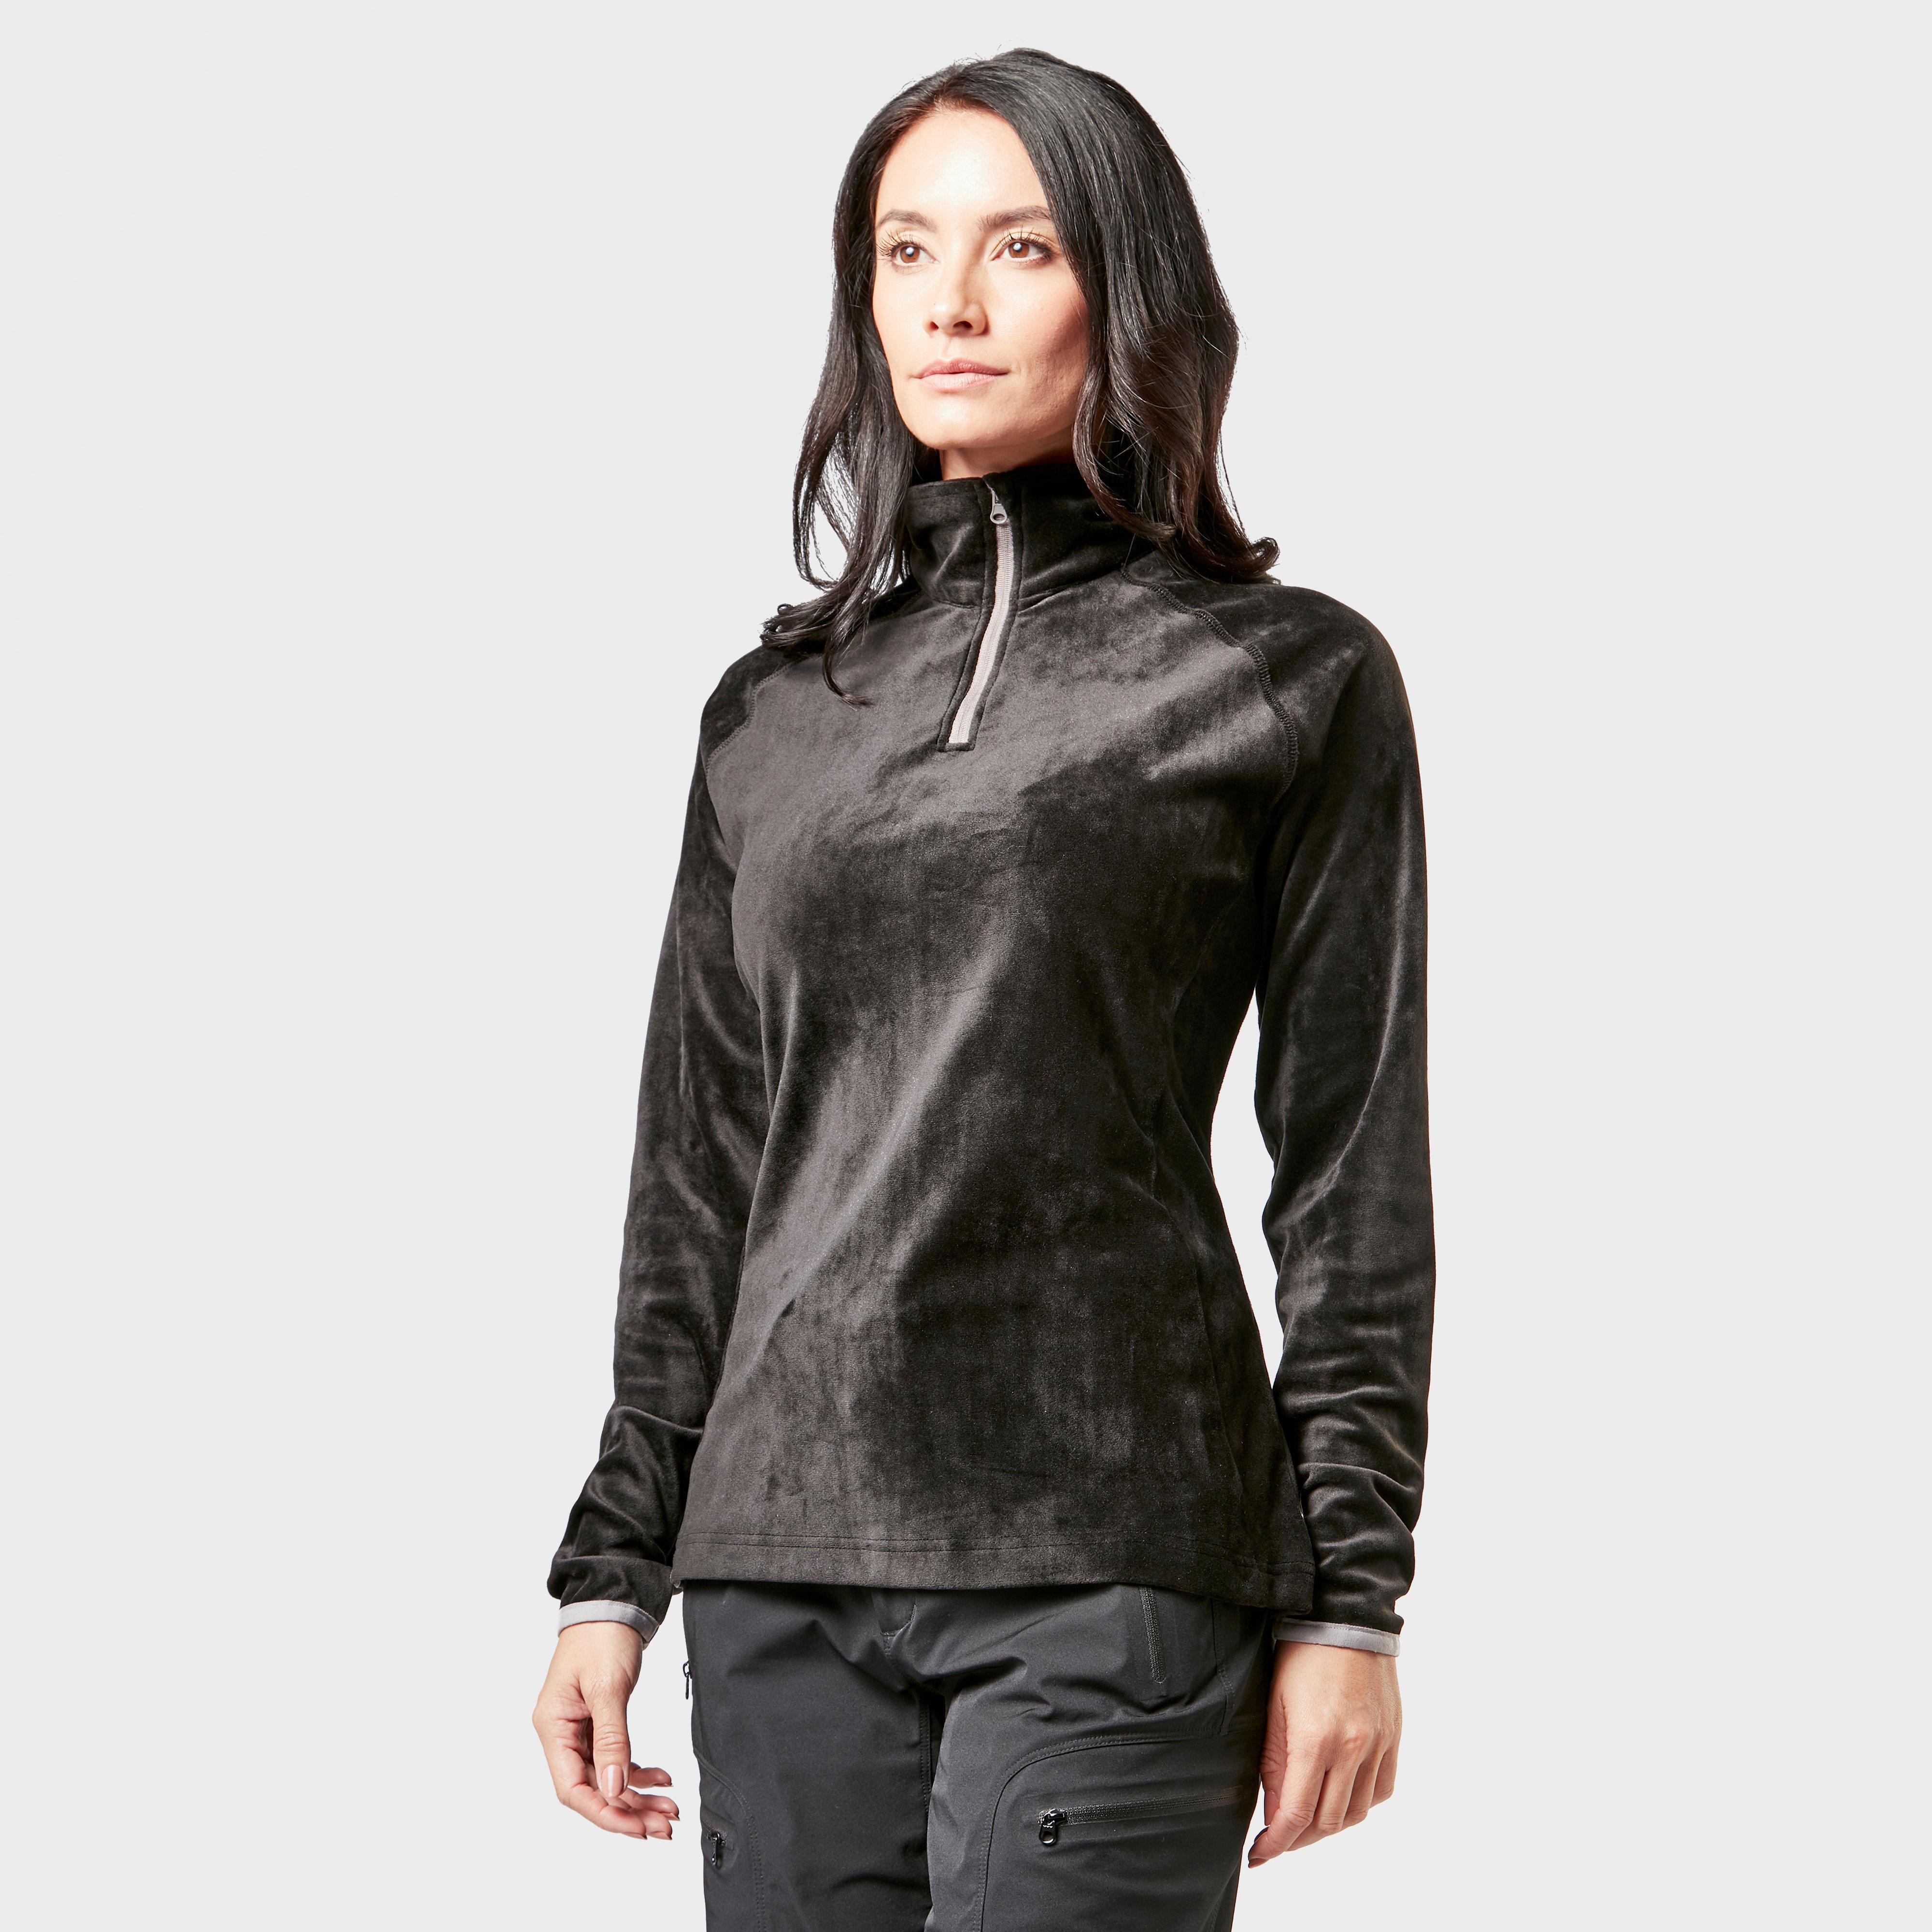 Regatta Regatta Womens Half-Zip Lavene Fleece - Black, Black